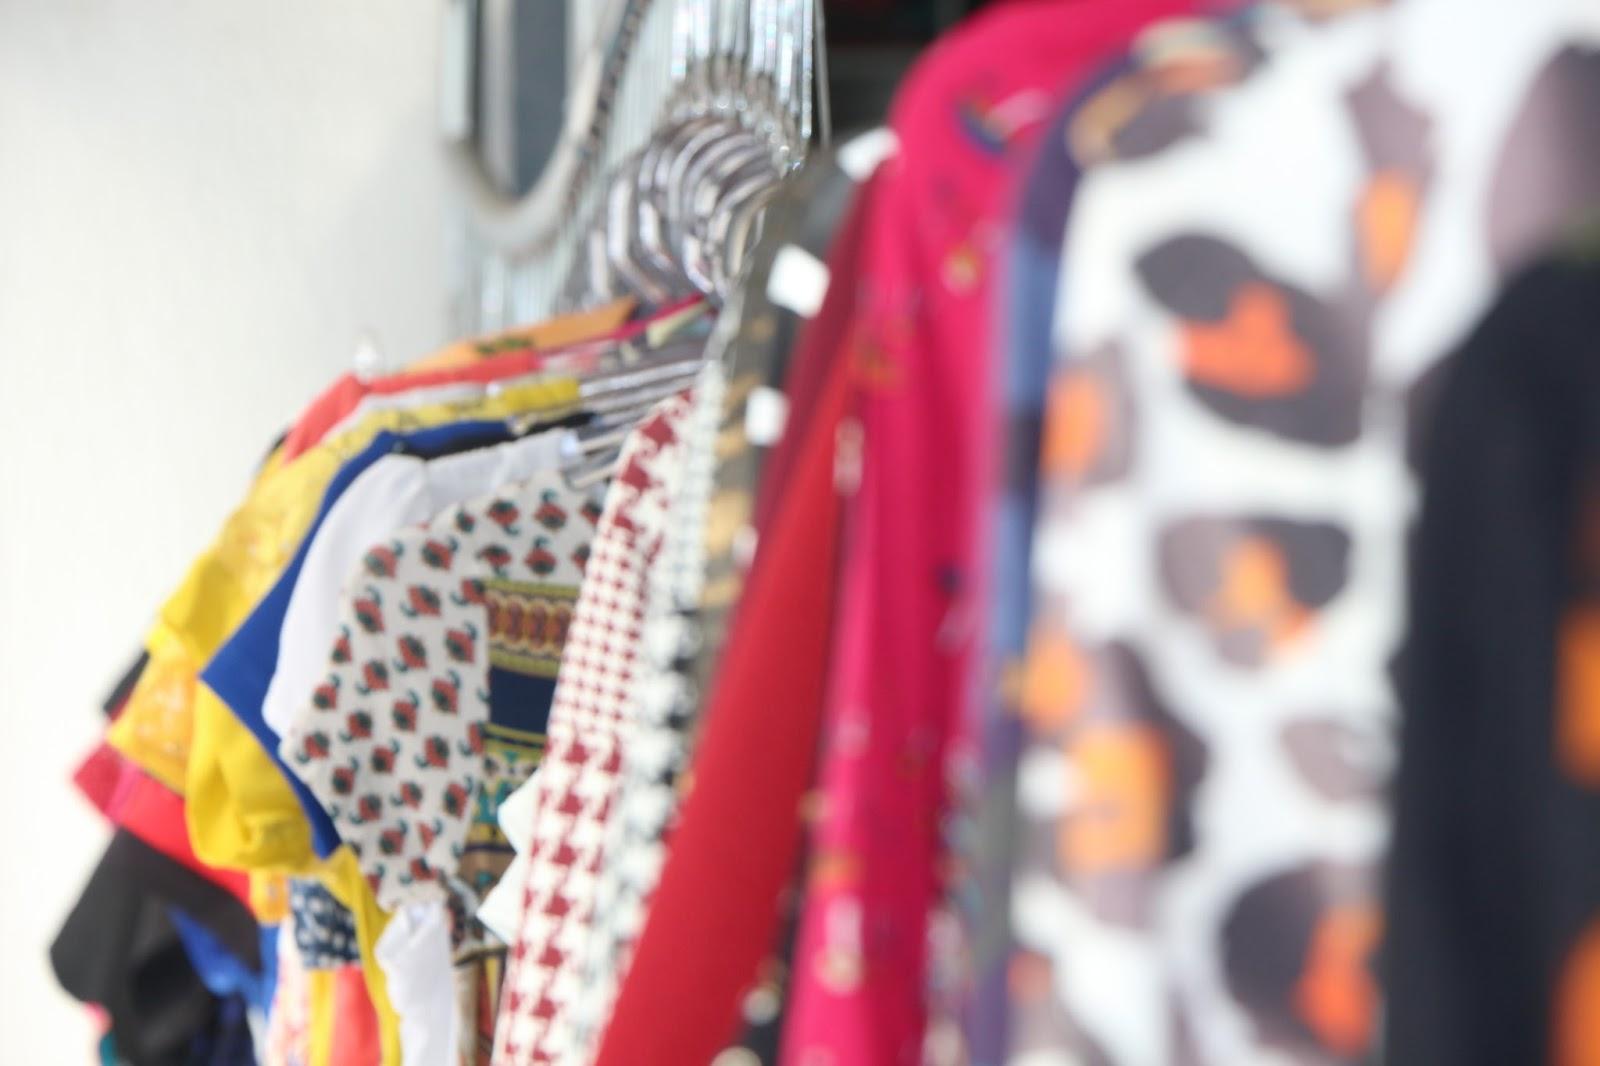 Ellas Modas coleção outono inverno blog estilo modas e manias